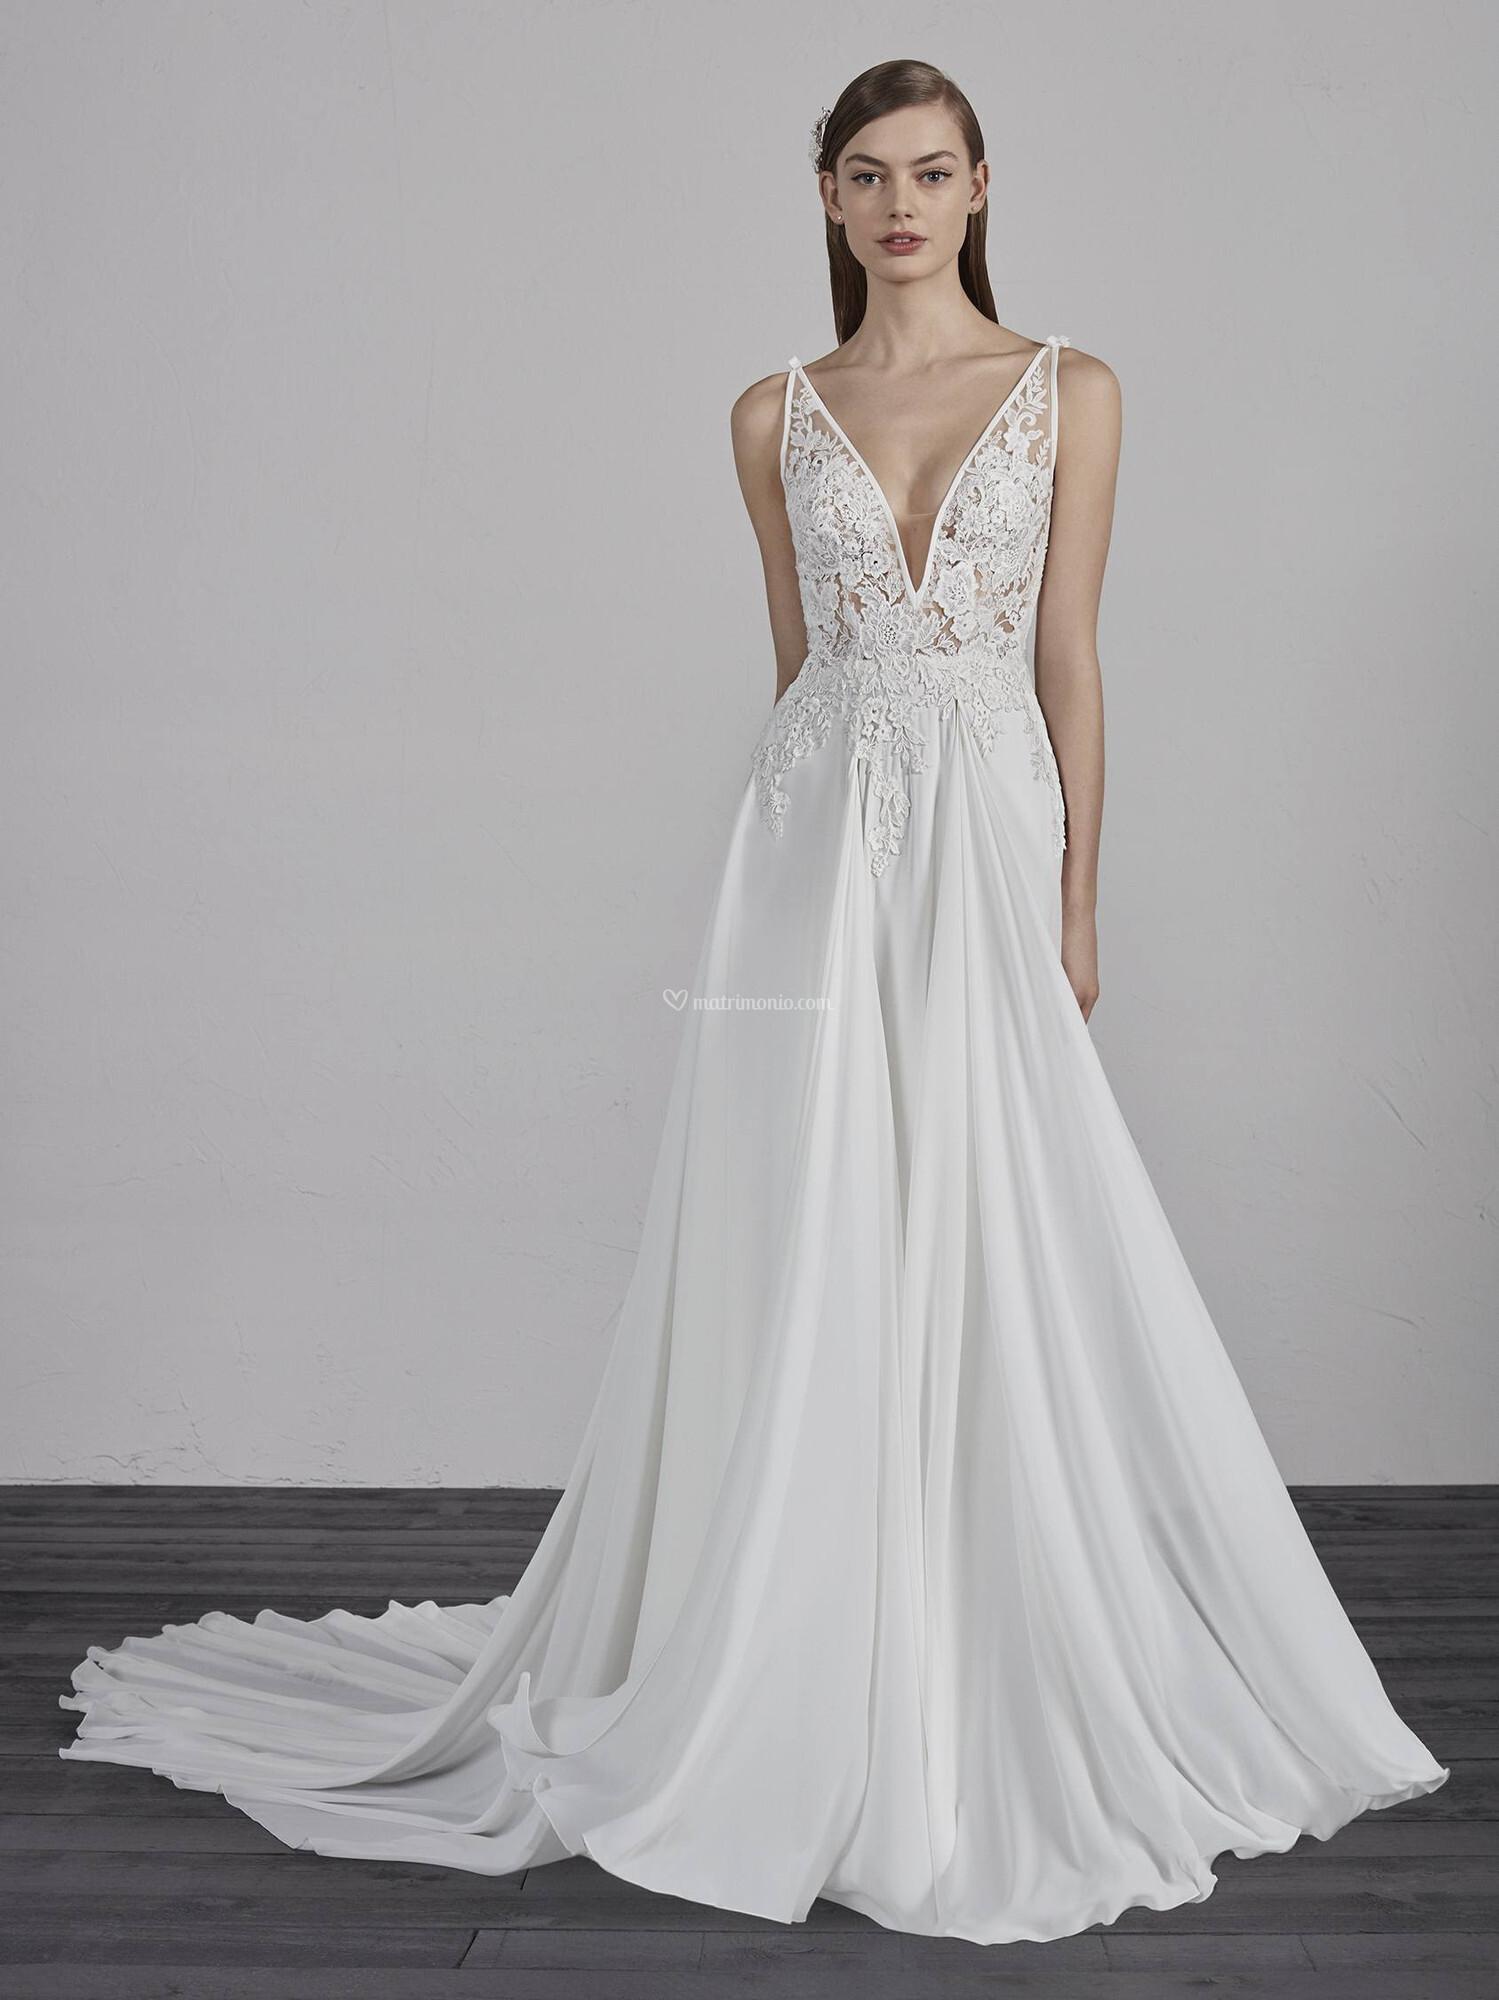 38babace7313 Abiti da Sposa di Pronovias - ESCALA - Matrimonio.com